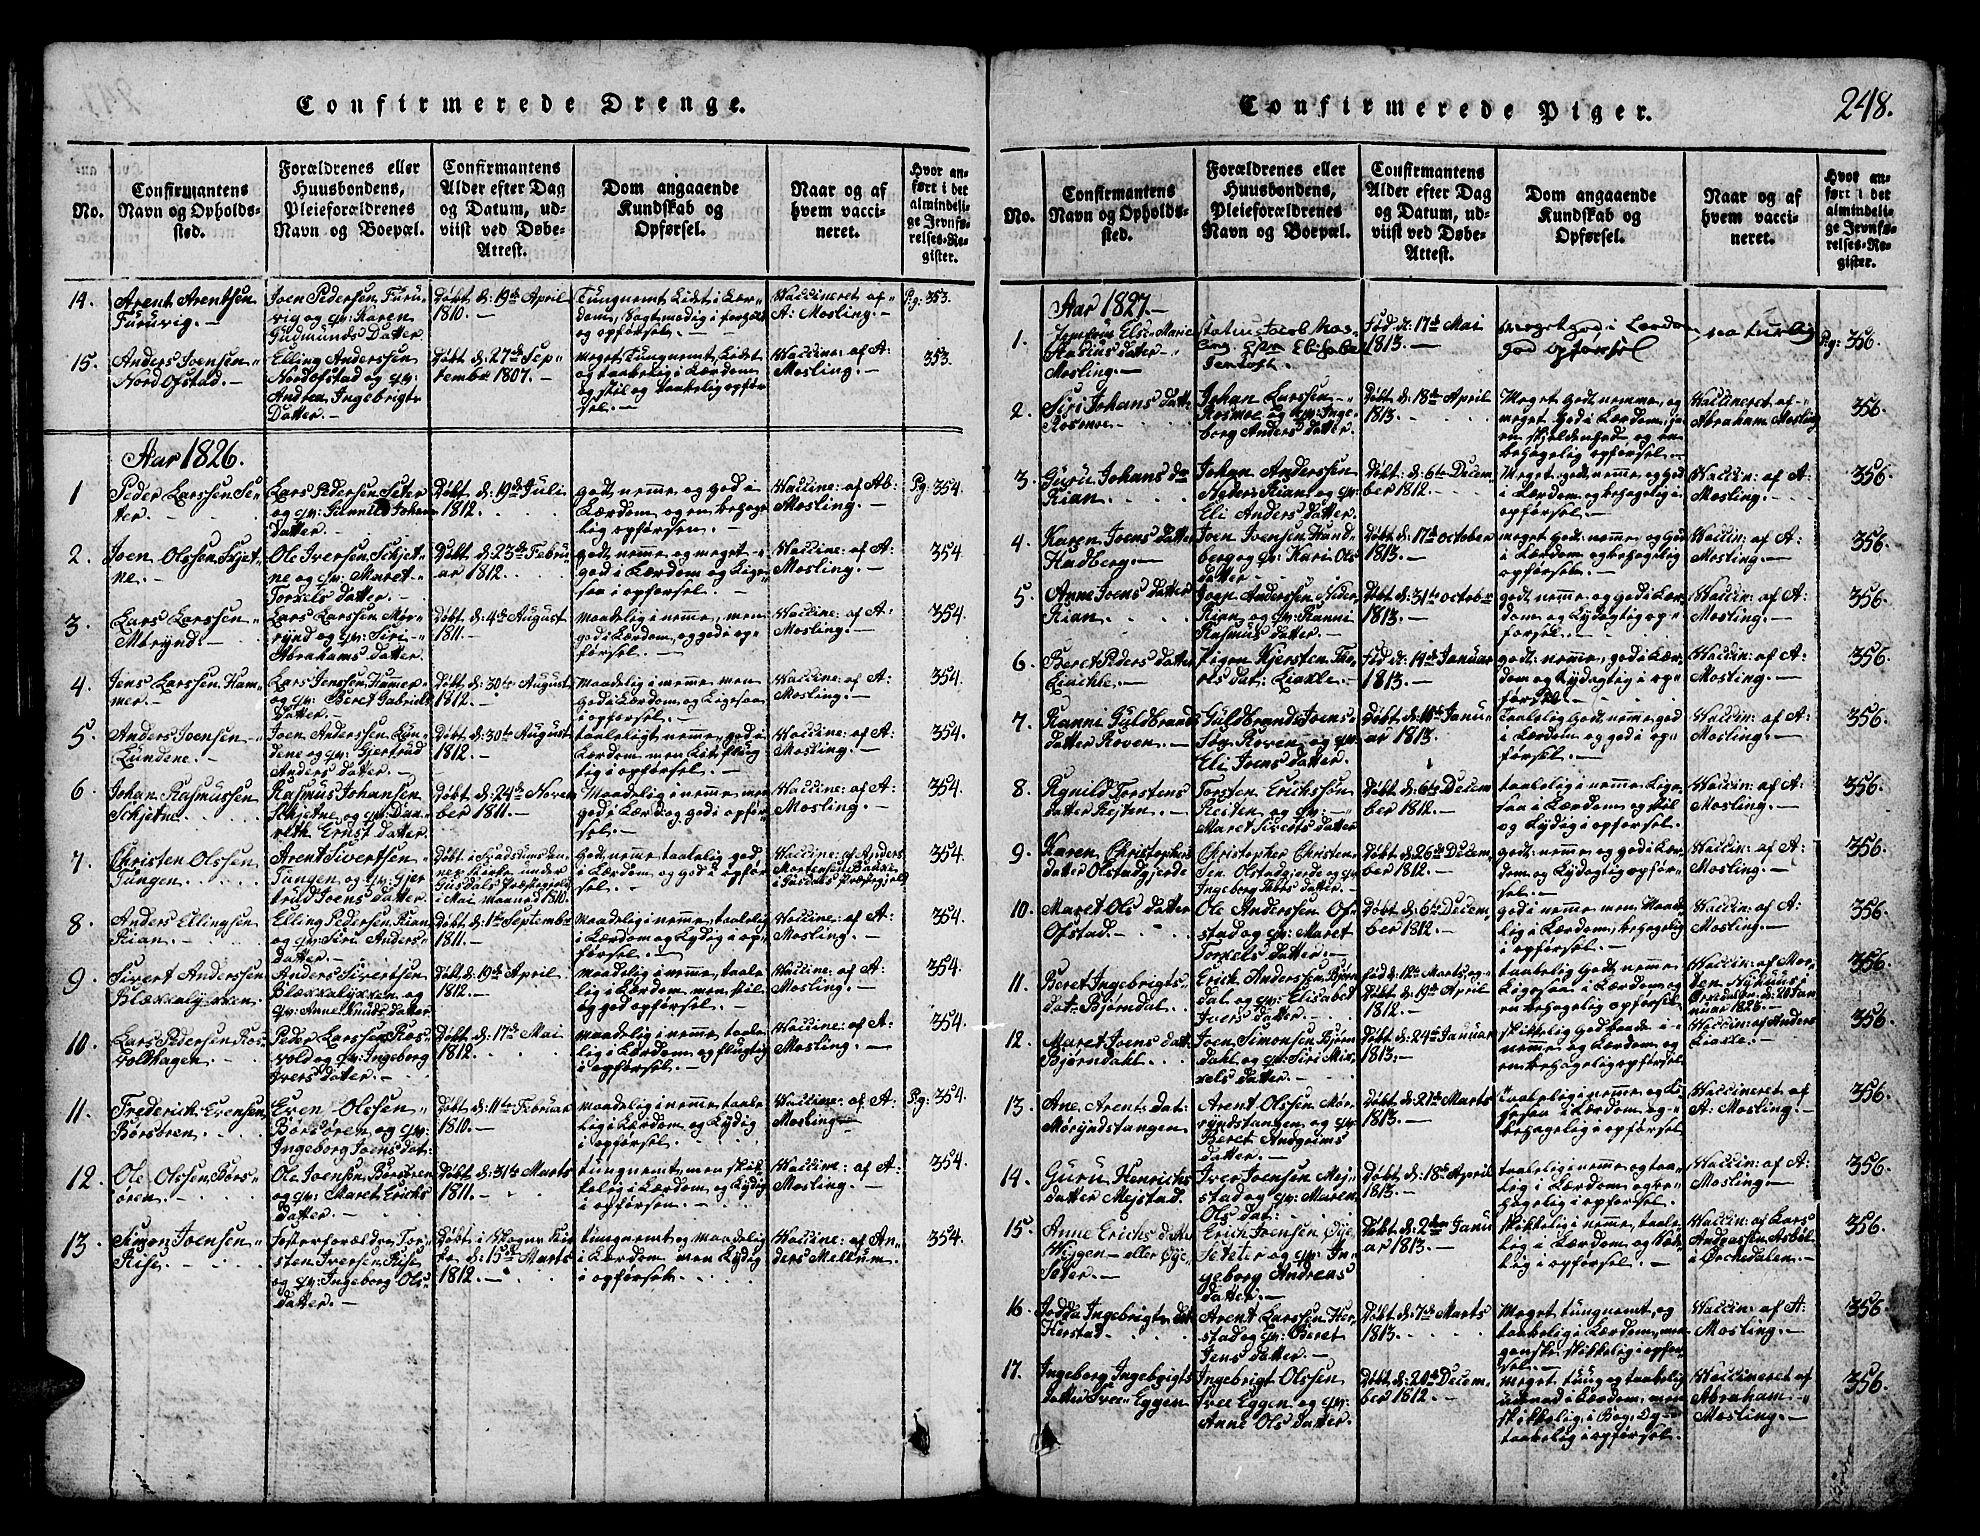 SAT, Ministerialprotokoller, klokkerbøker og fødselsregistre - Sør-Trøndelag, 665/L0776: Klokkerbok nr. 665C01, 1817-1837, s. 248